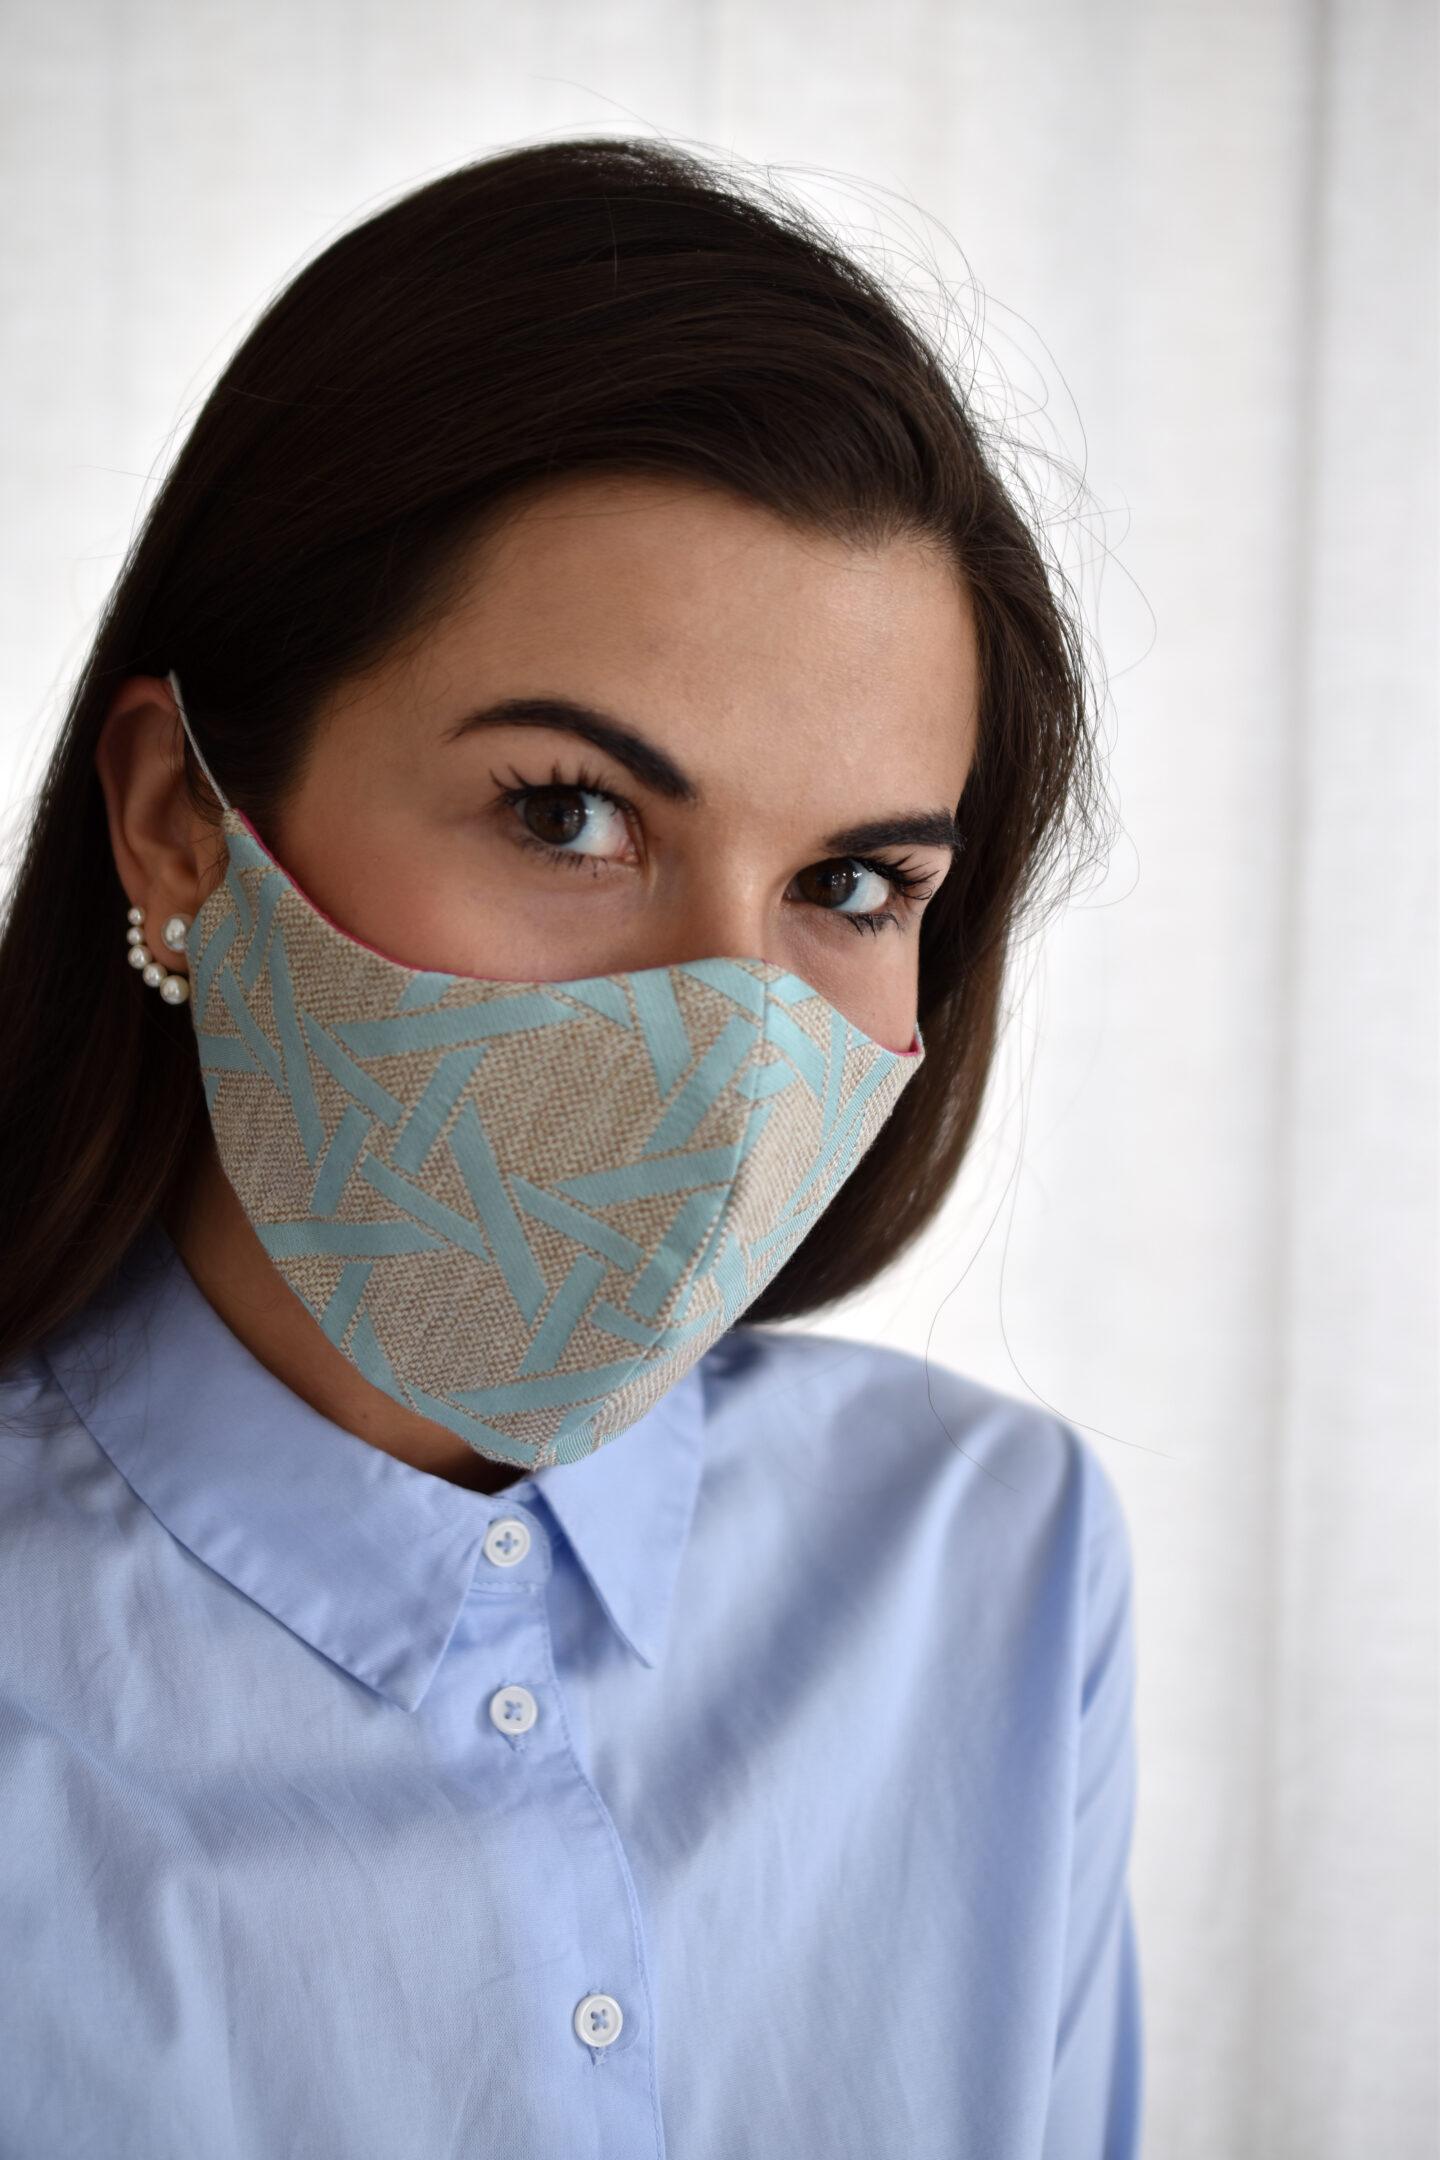 Tipps für den neuen Alltag mit Maske